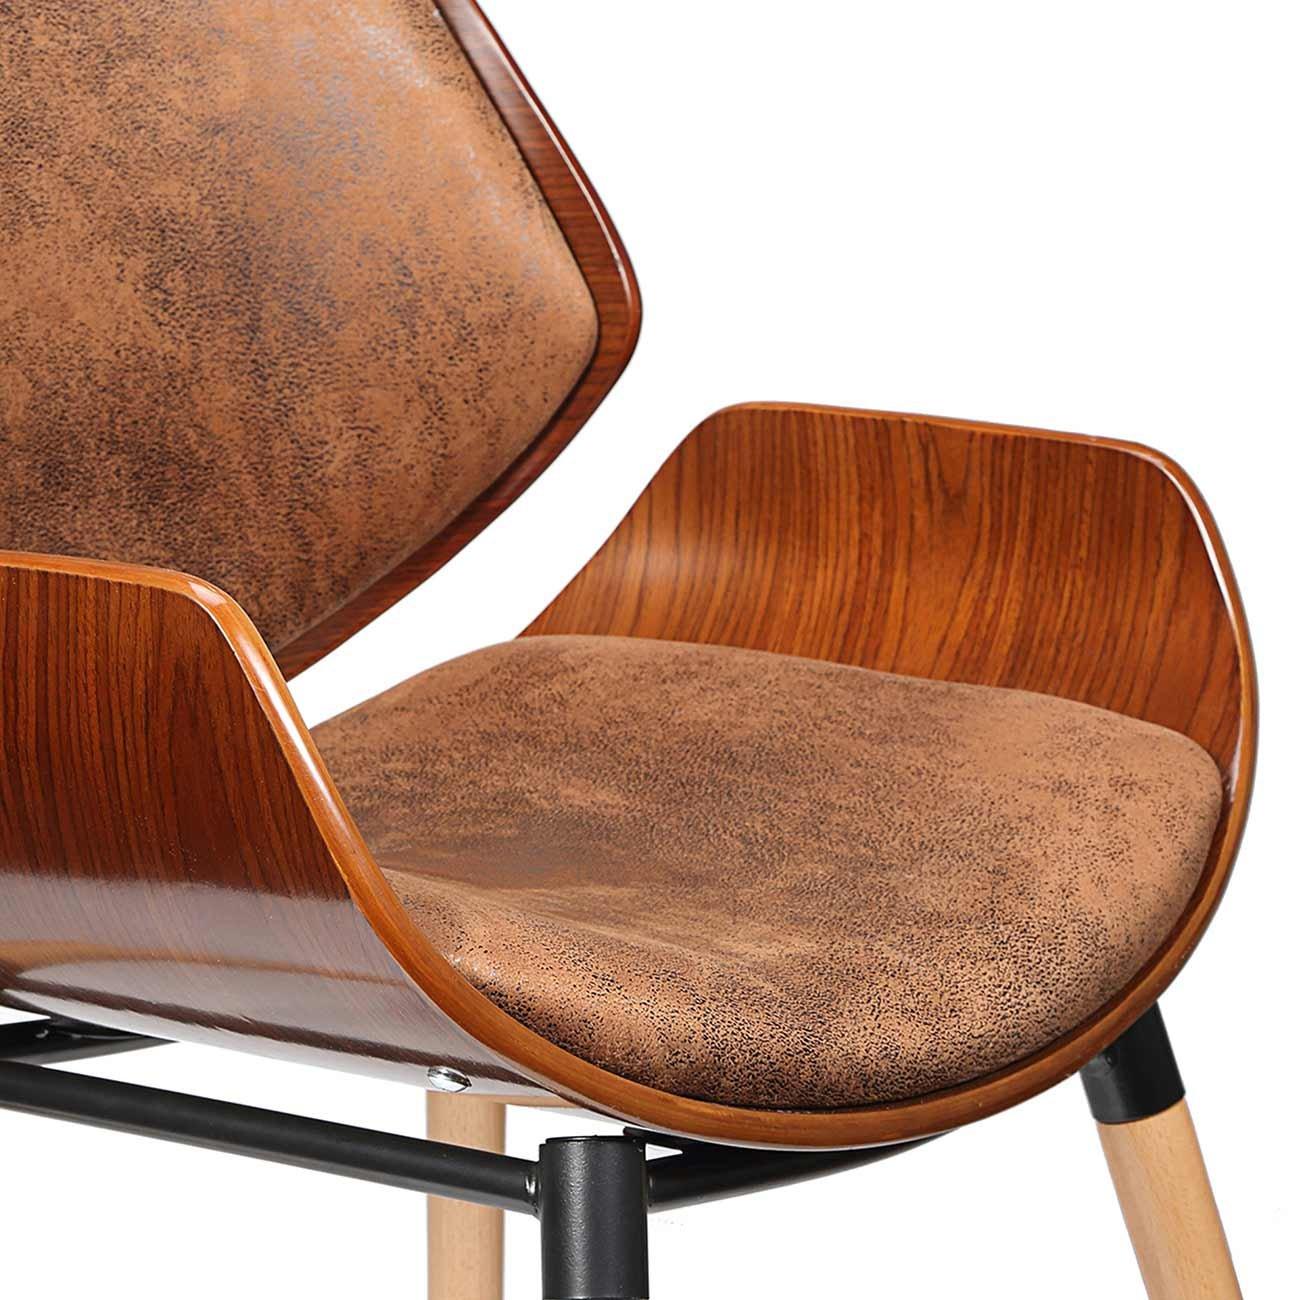 Makika Sedia Retro Vintage Design Sgabello Moderno Stile Imbottita Ecopelle Legno Massello Casa Ufficio Maxim in Marrone